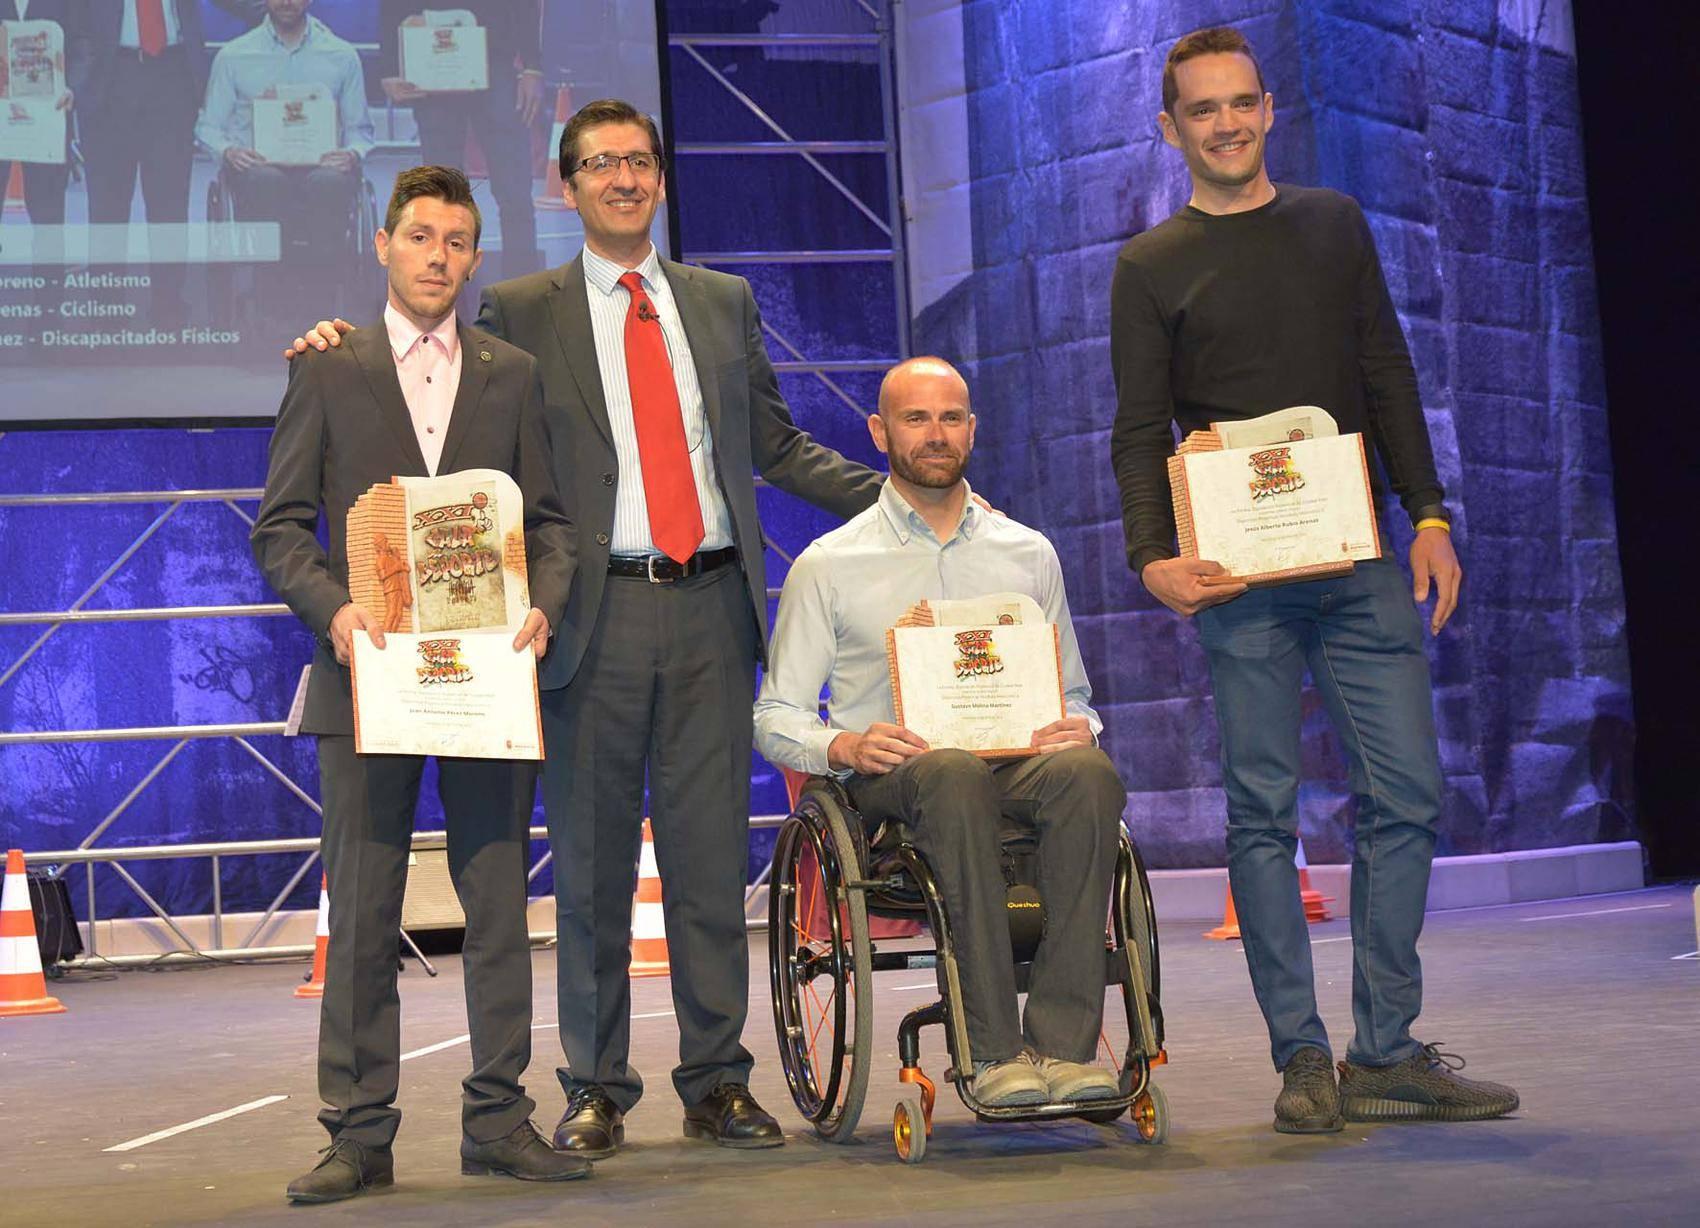 entrega de premios gala del deporte provincial de ciudad real en Herencia4 - Los mejores deportistas de la provincia son premiados en Herencia